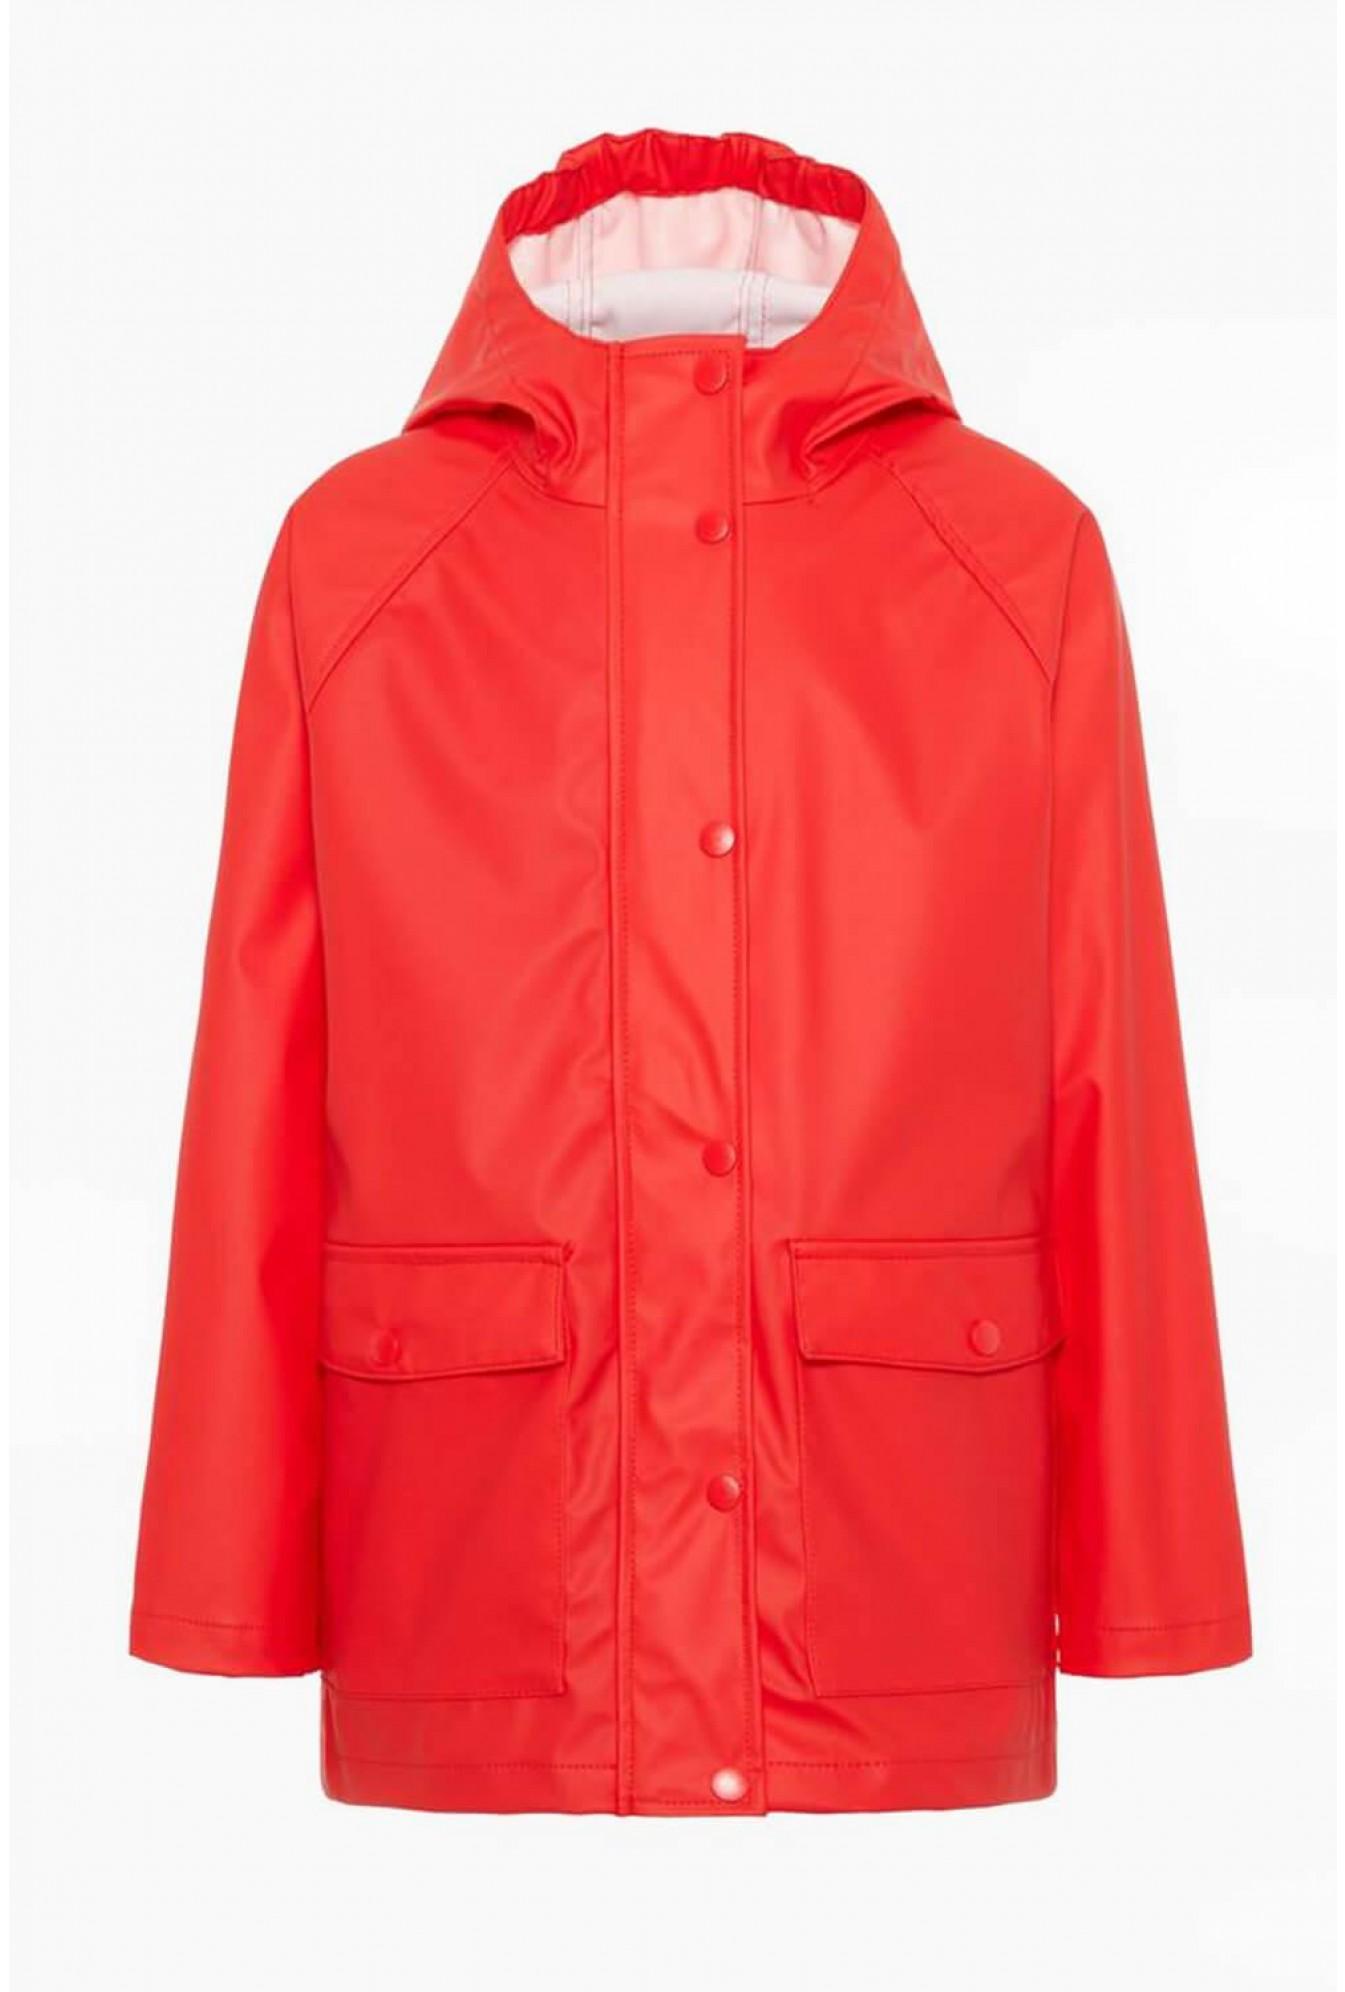 Mil Kids Rain Jacket in Red